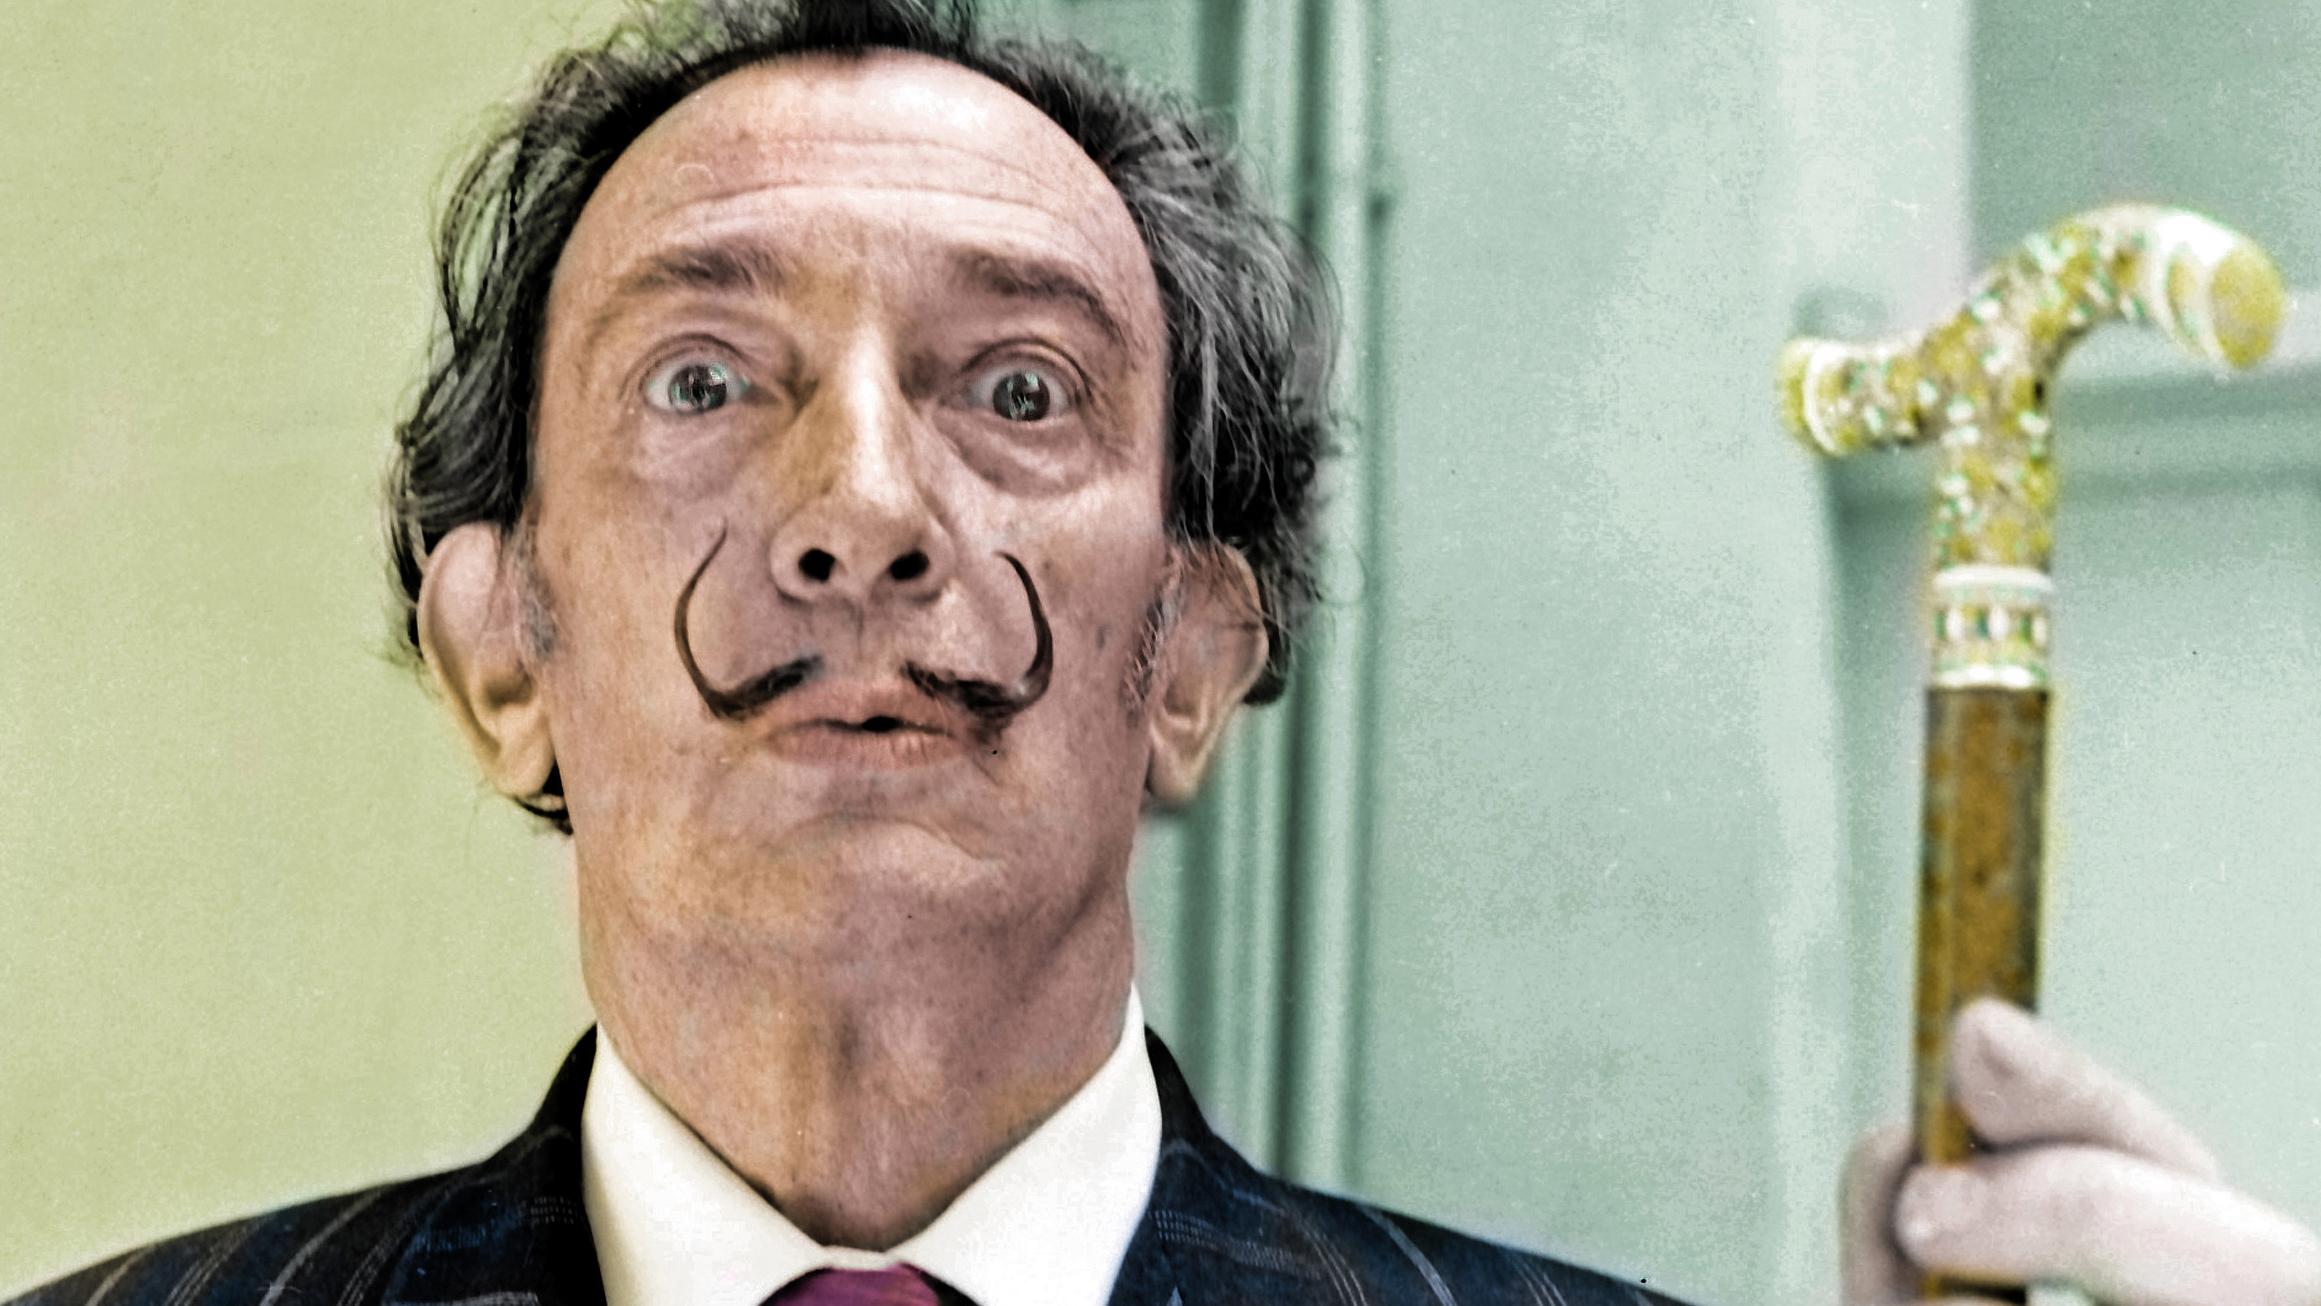 Roban obras valiosas de Salvador Dalí, maestro del surrealismo